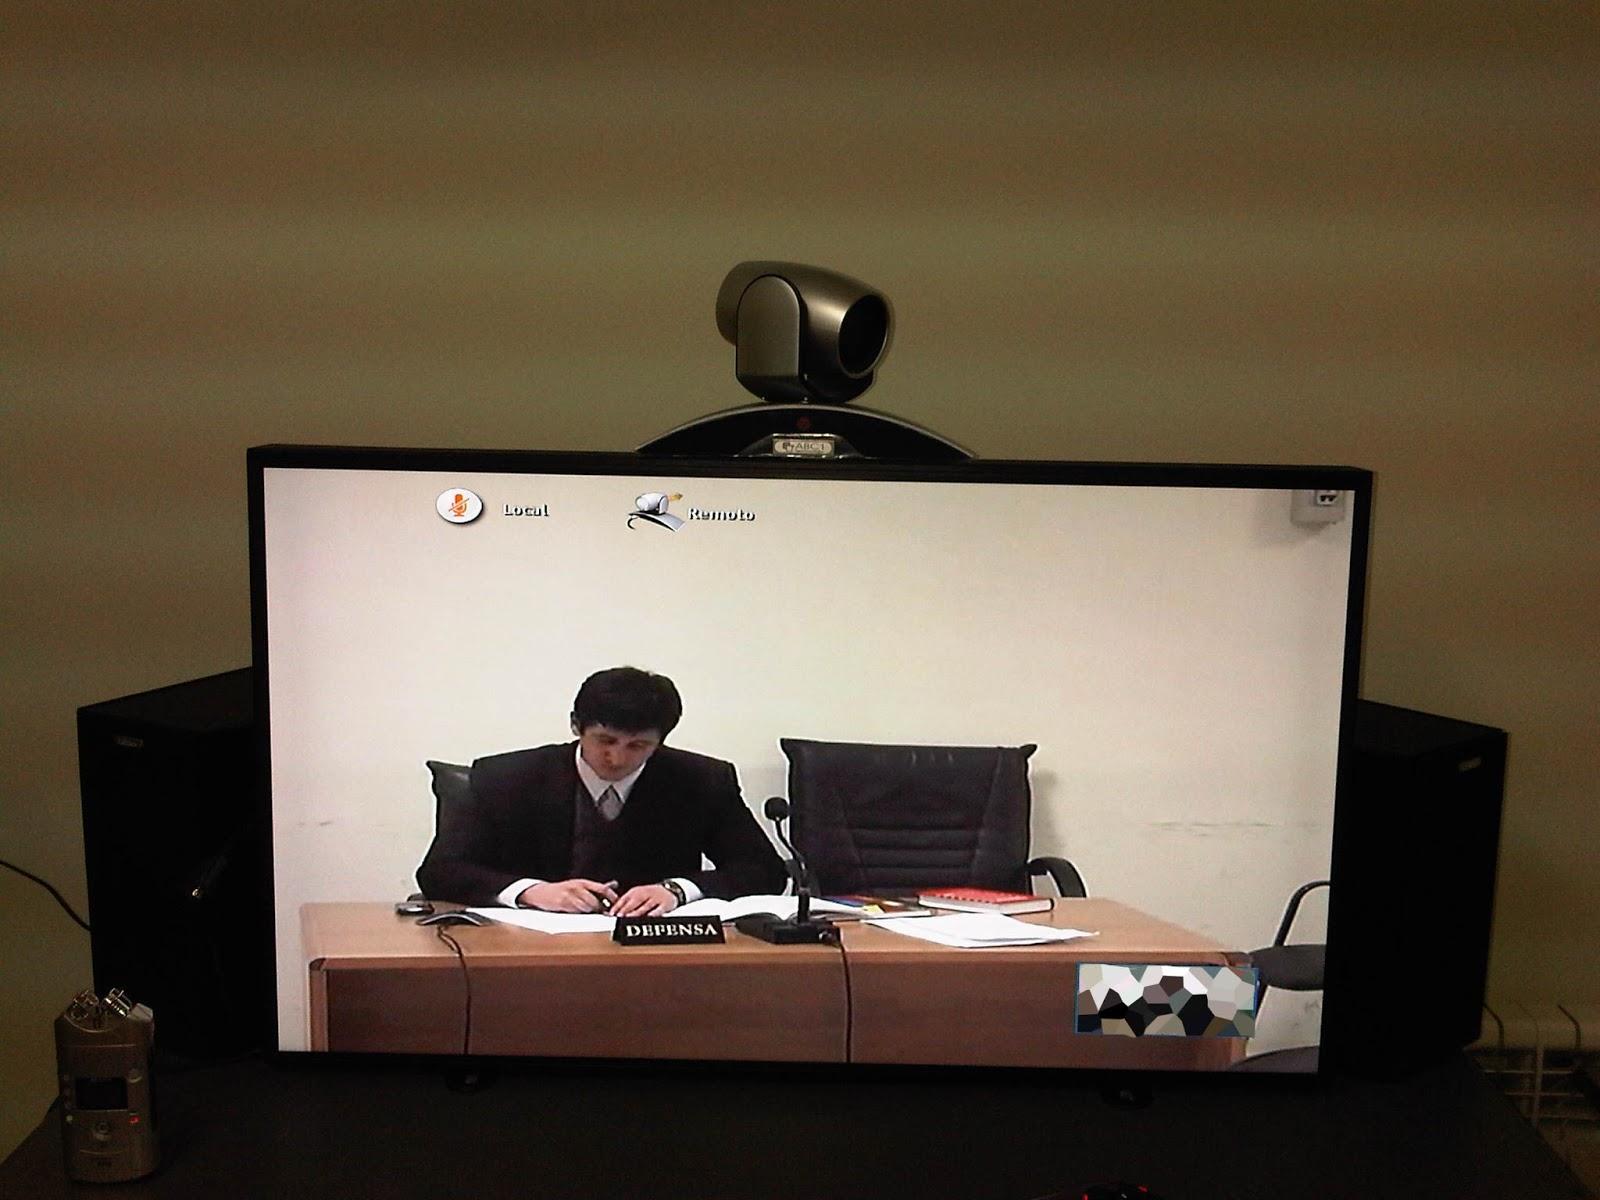 Oficina judicial sarmiento sistema videoconferencia for Oficina judicial